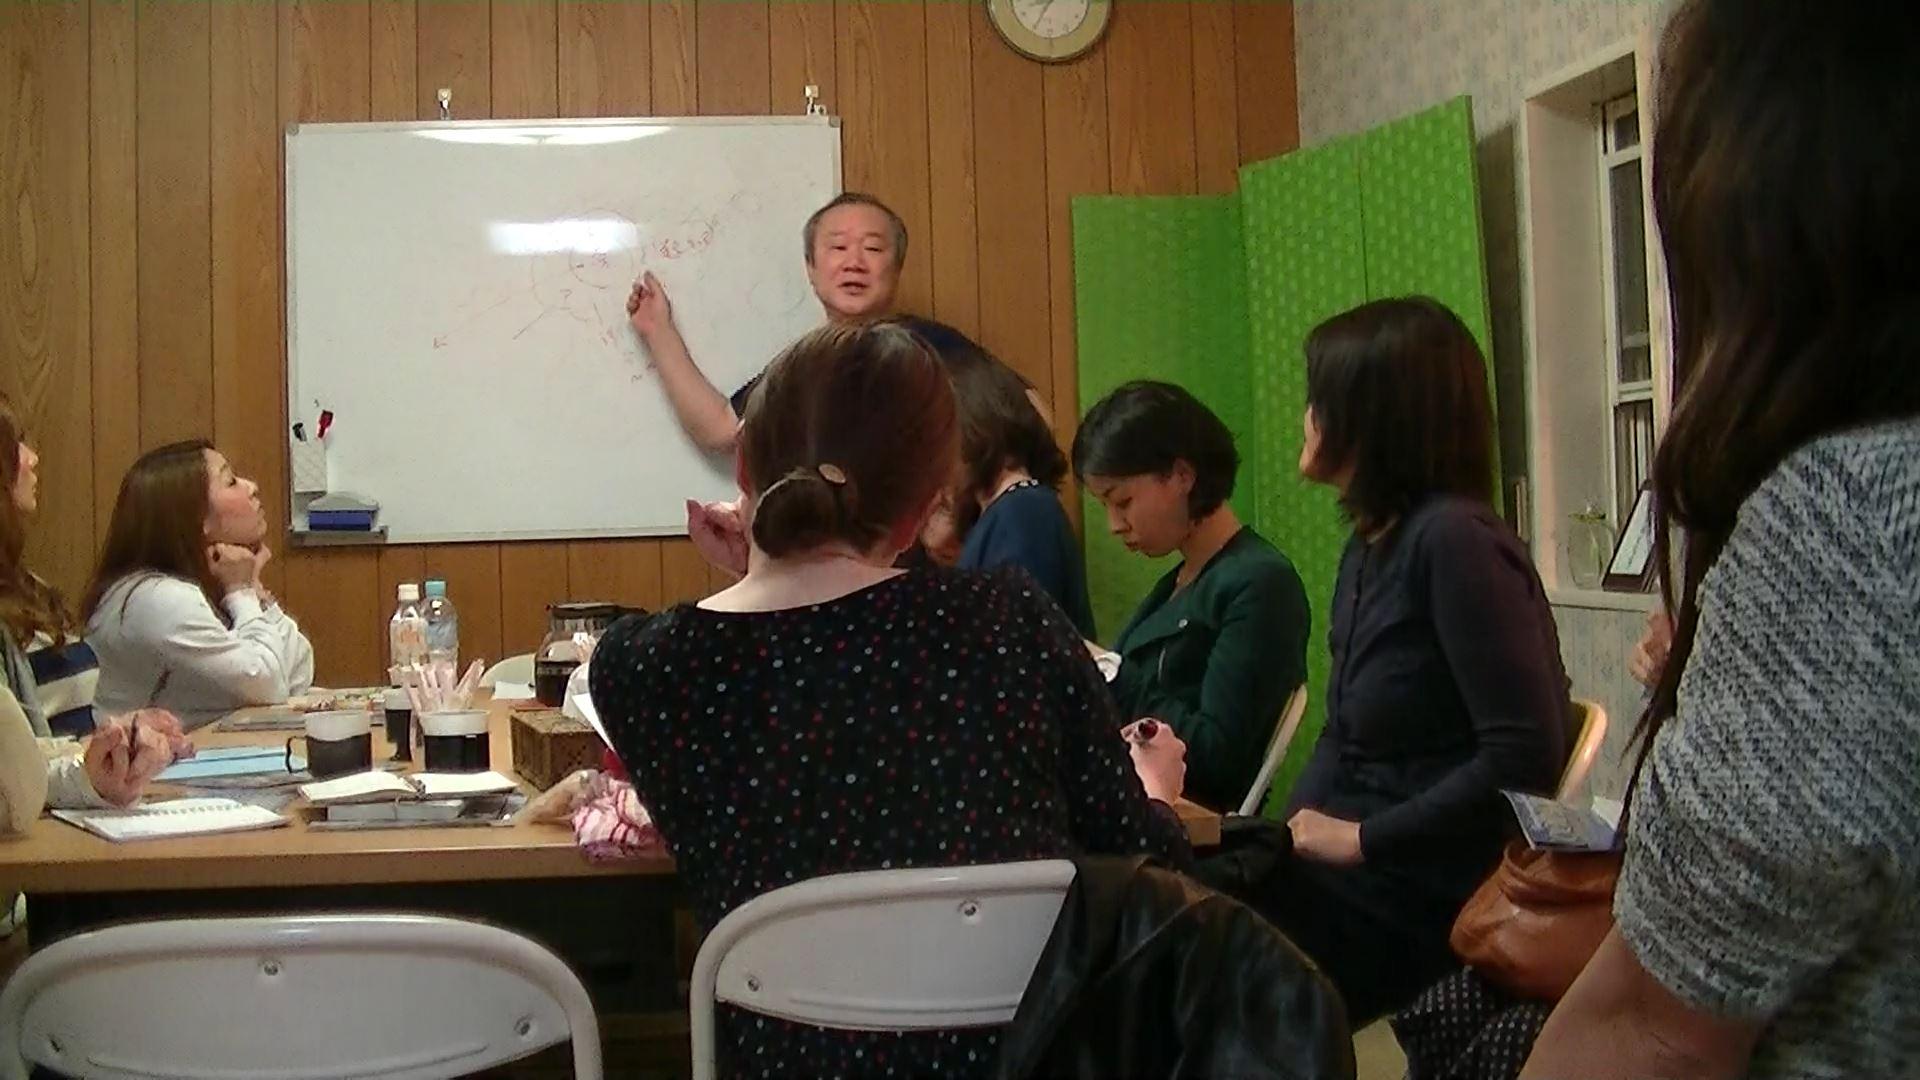 00479.MTS 000018918 - 2019年7月16日愛の子育て塾第15期第2講座開催しました。